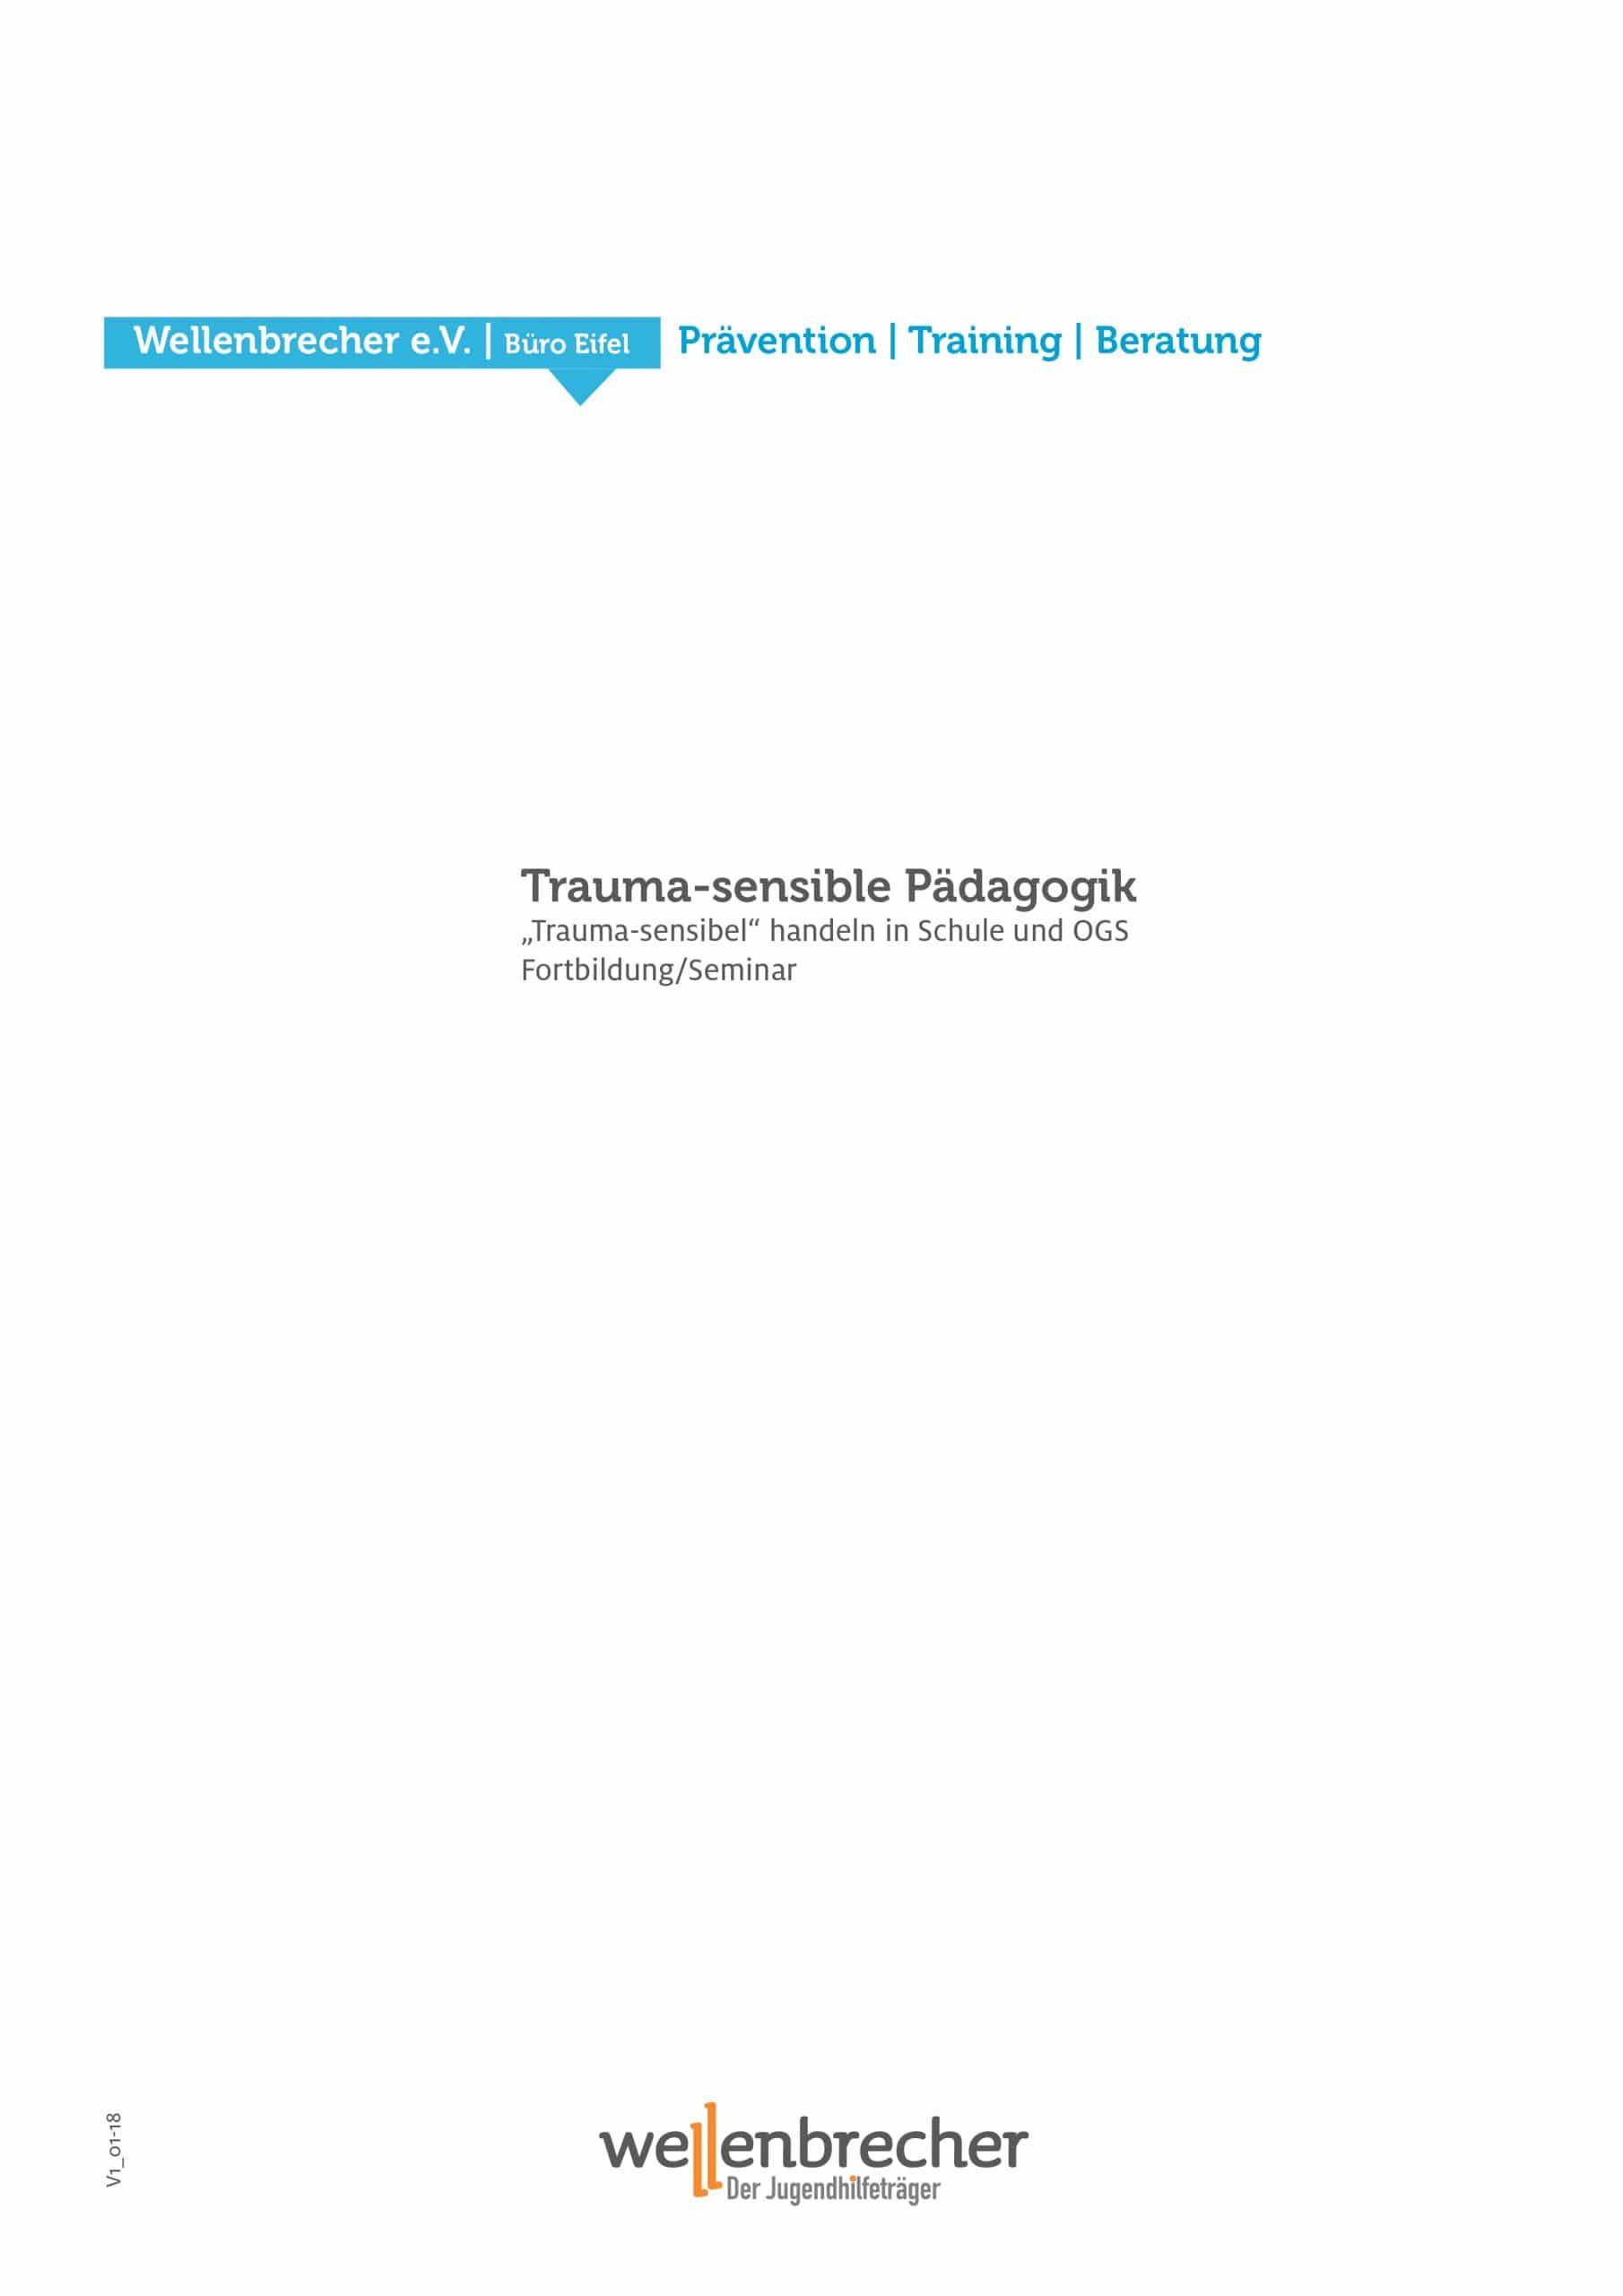 Fortbildung Trauma-sensible Pädagogik